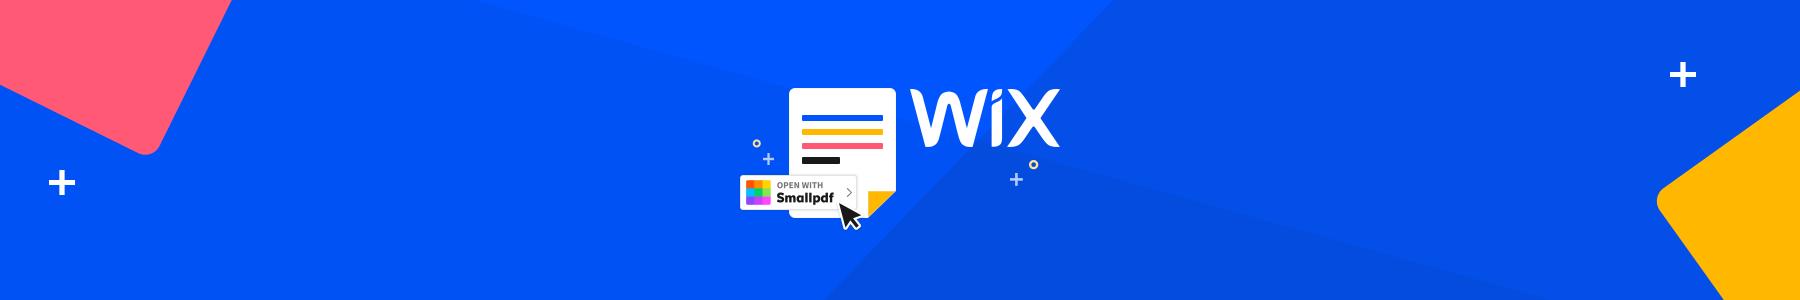 incorporar-pdf-wix@2x